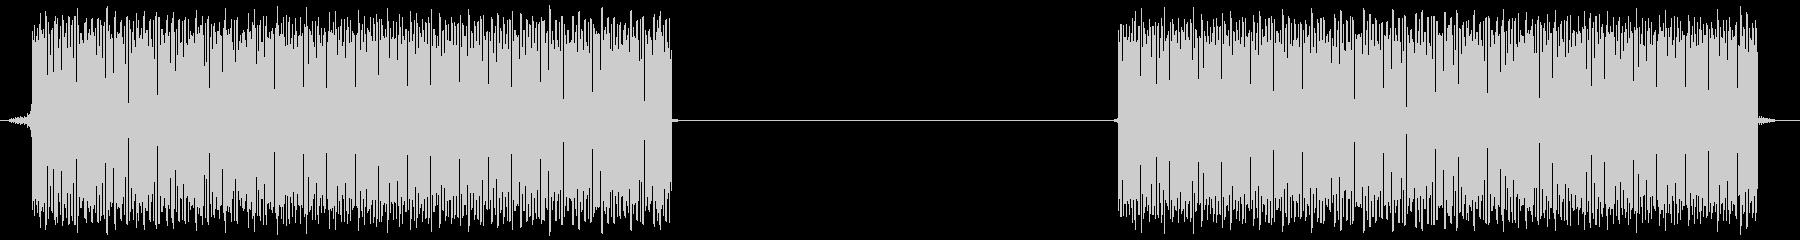 危険アラ-ム音の未再生の波形